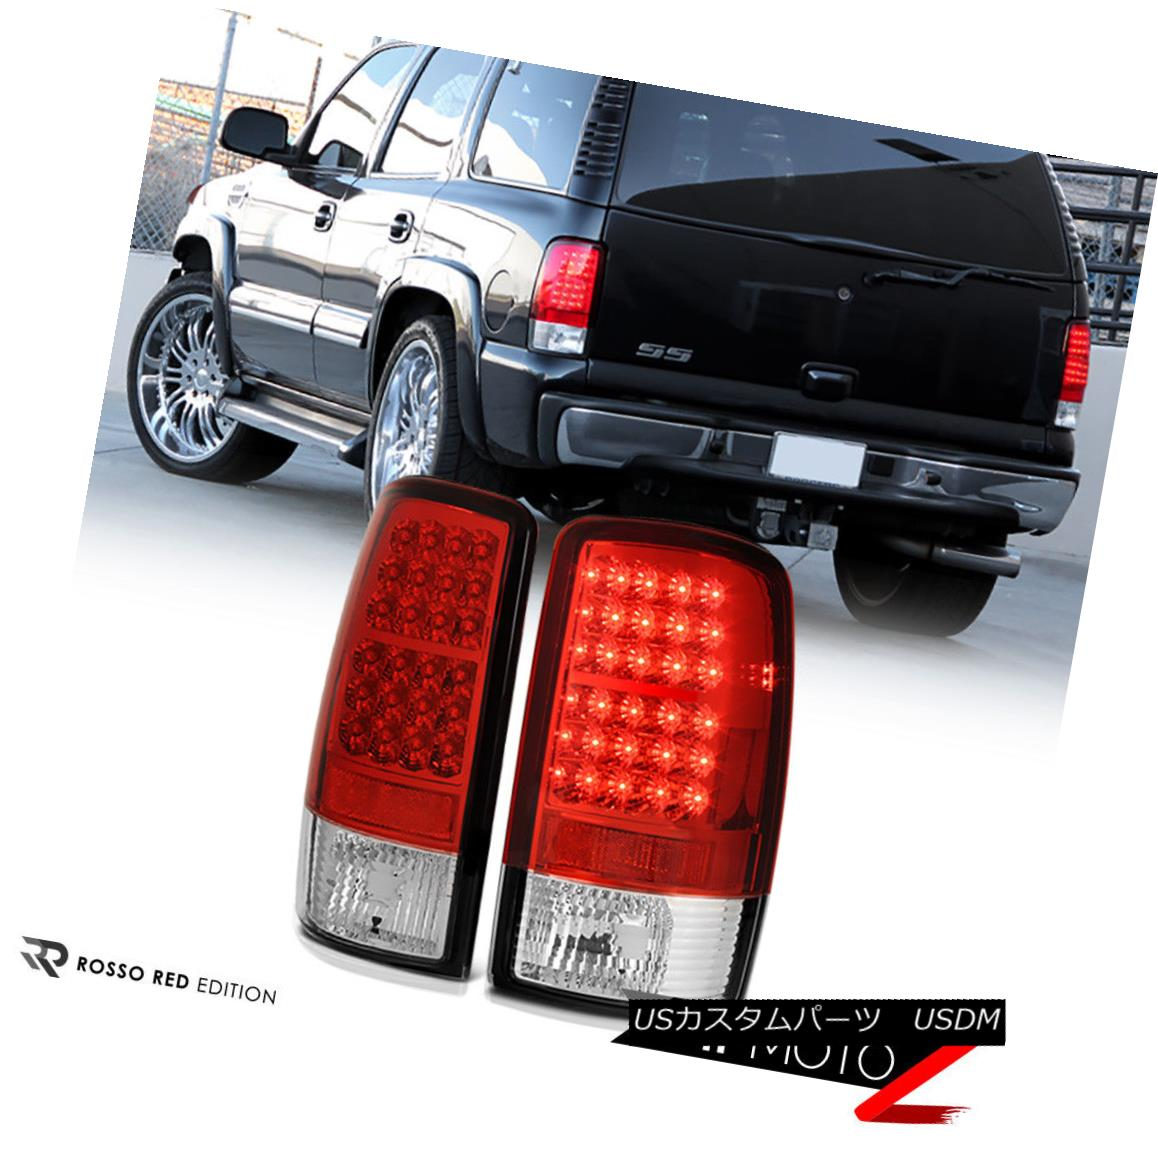 テールライト Lamps 2000-2006 Chevy Taillights Suburban Red Red Chrome [BRIGHTEST] LED Rear Brake Taillights Lamps 2000-2006シボレー郊外レッドクローム[BRIGHTEST] LEDリアブレーキライトランプ, 新利根町:e4d4bdcd --- officewill.xsrv.jp